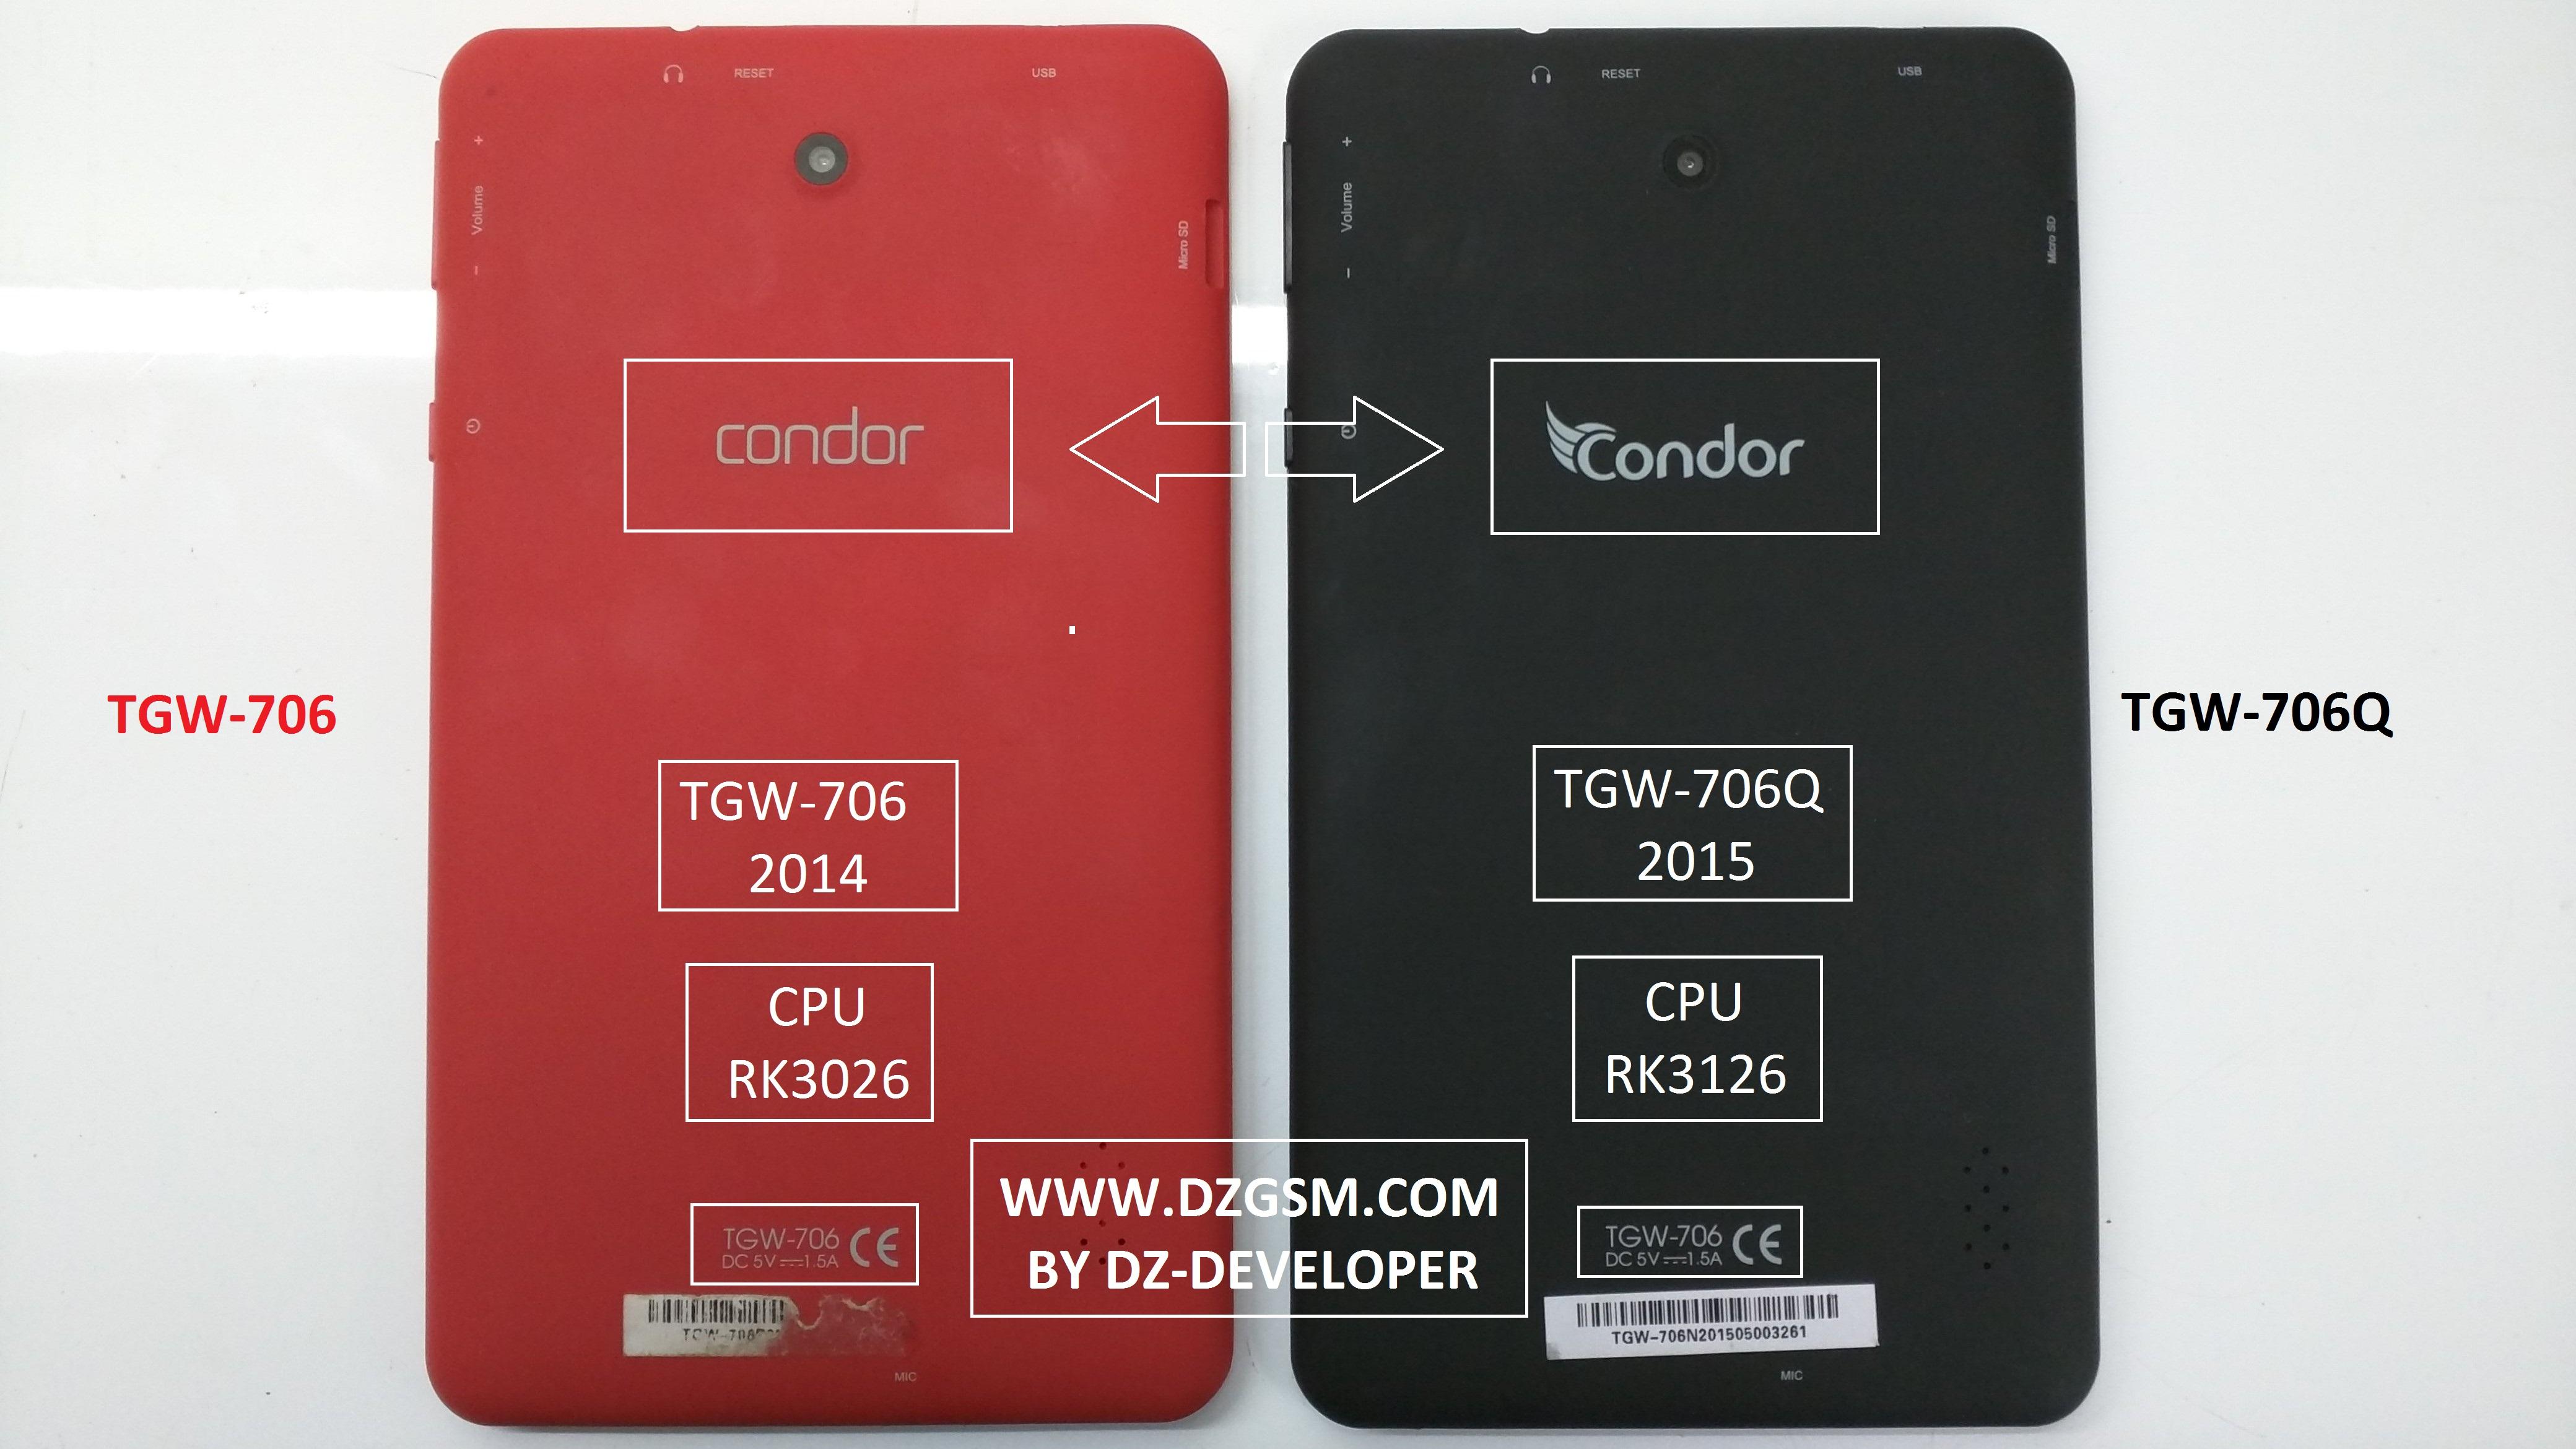 الفرق بين tgw-706 و tgw-706q